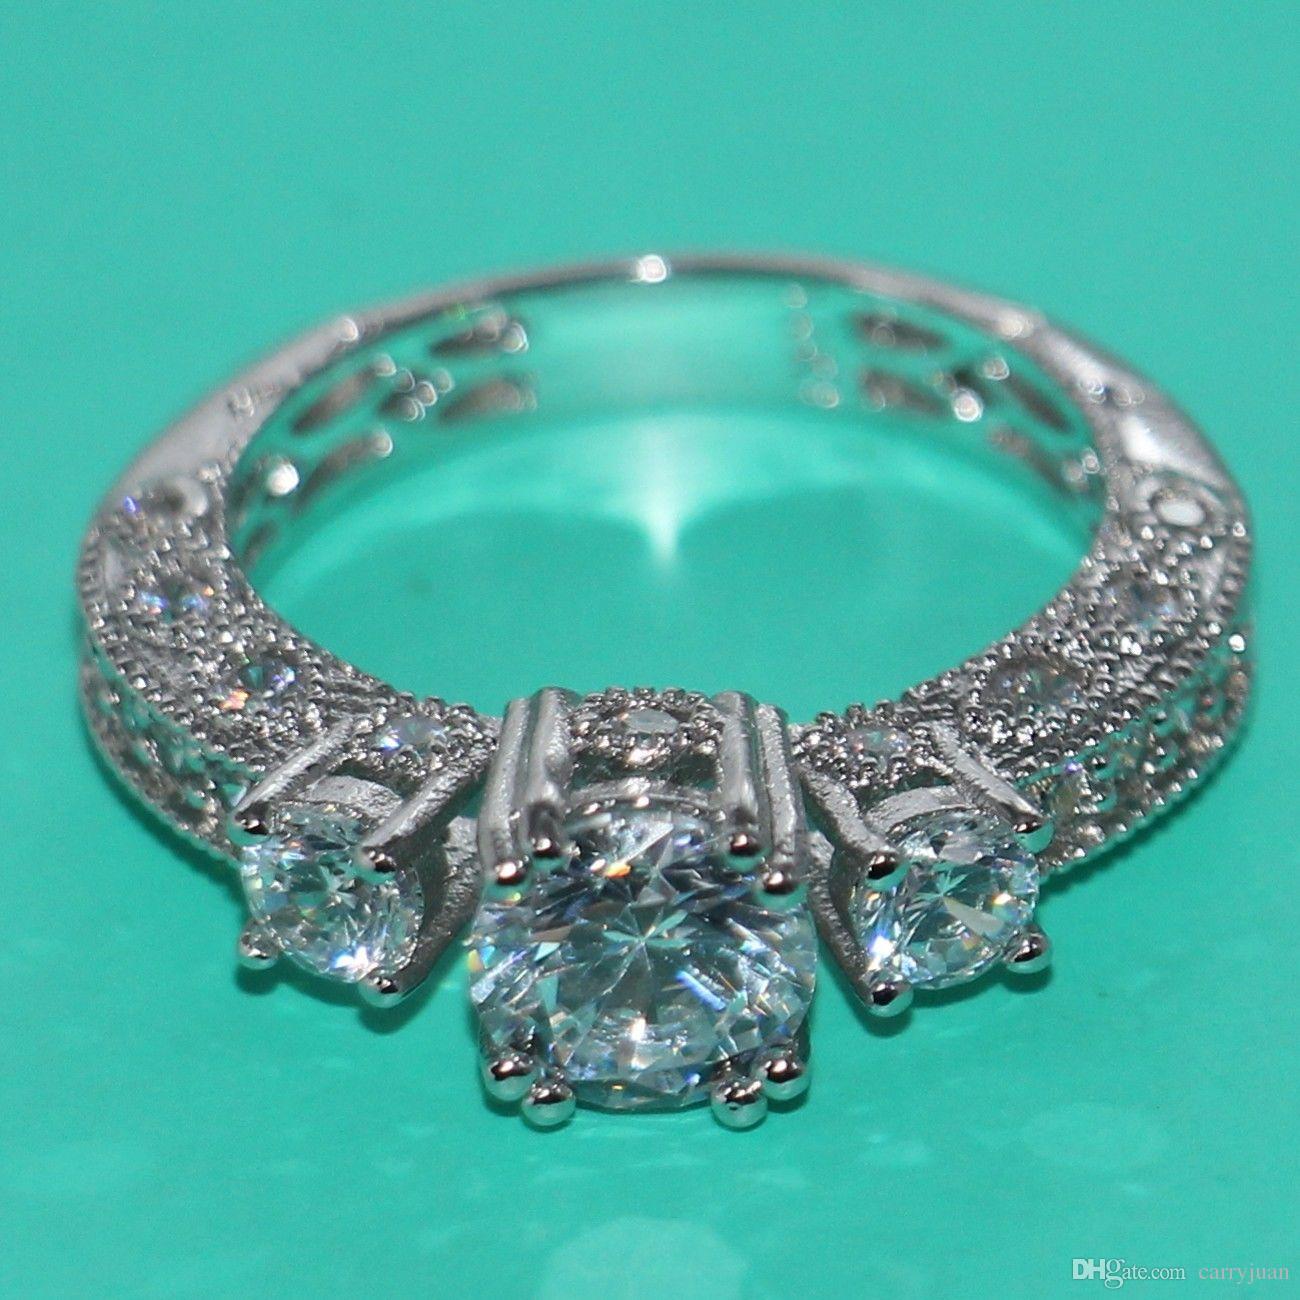 Victoria Wieck Trois Pierre Vintage Bijoux 10 kt or blanc rempli Topaz Simulé Diamant Mariage Anneaux Engagemet pour les femmes CADEAU Taille 5-11